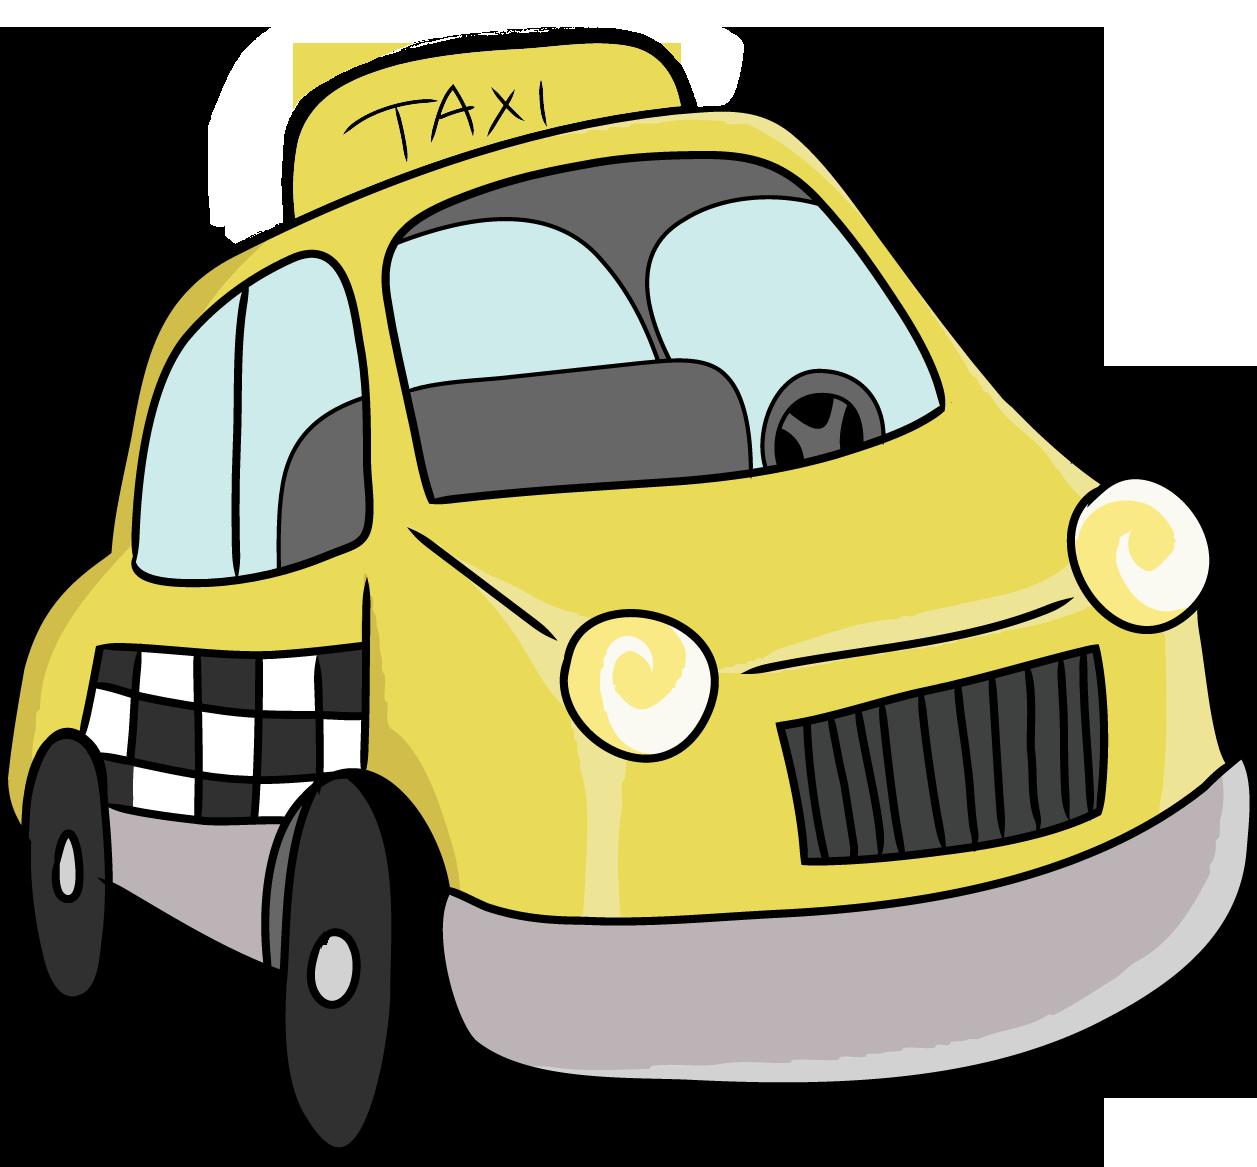 Taxi Cab Clipart-Clipartlook.com-1257